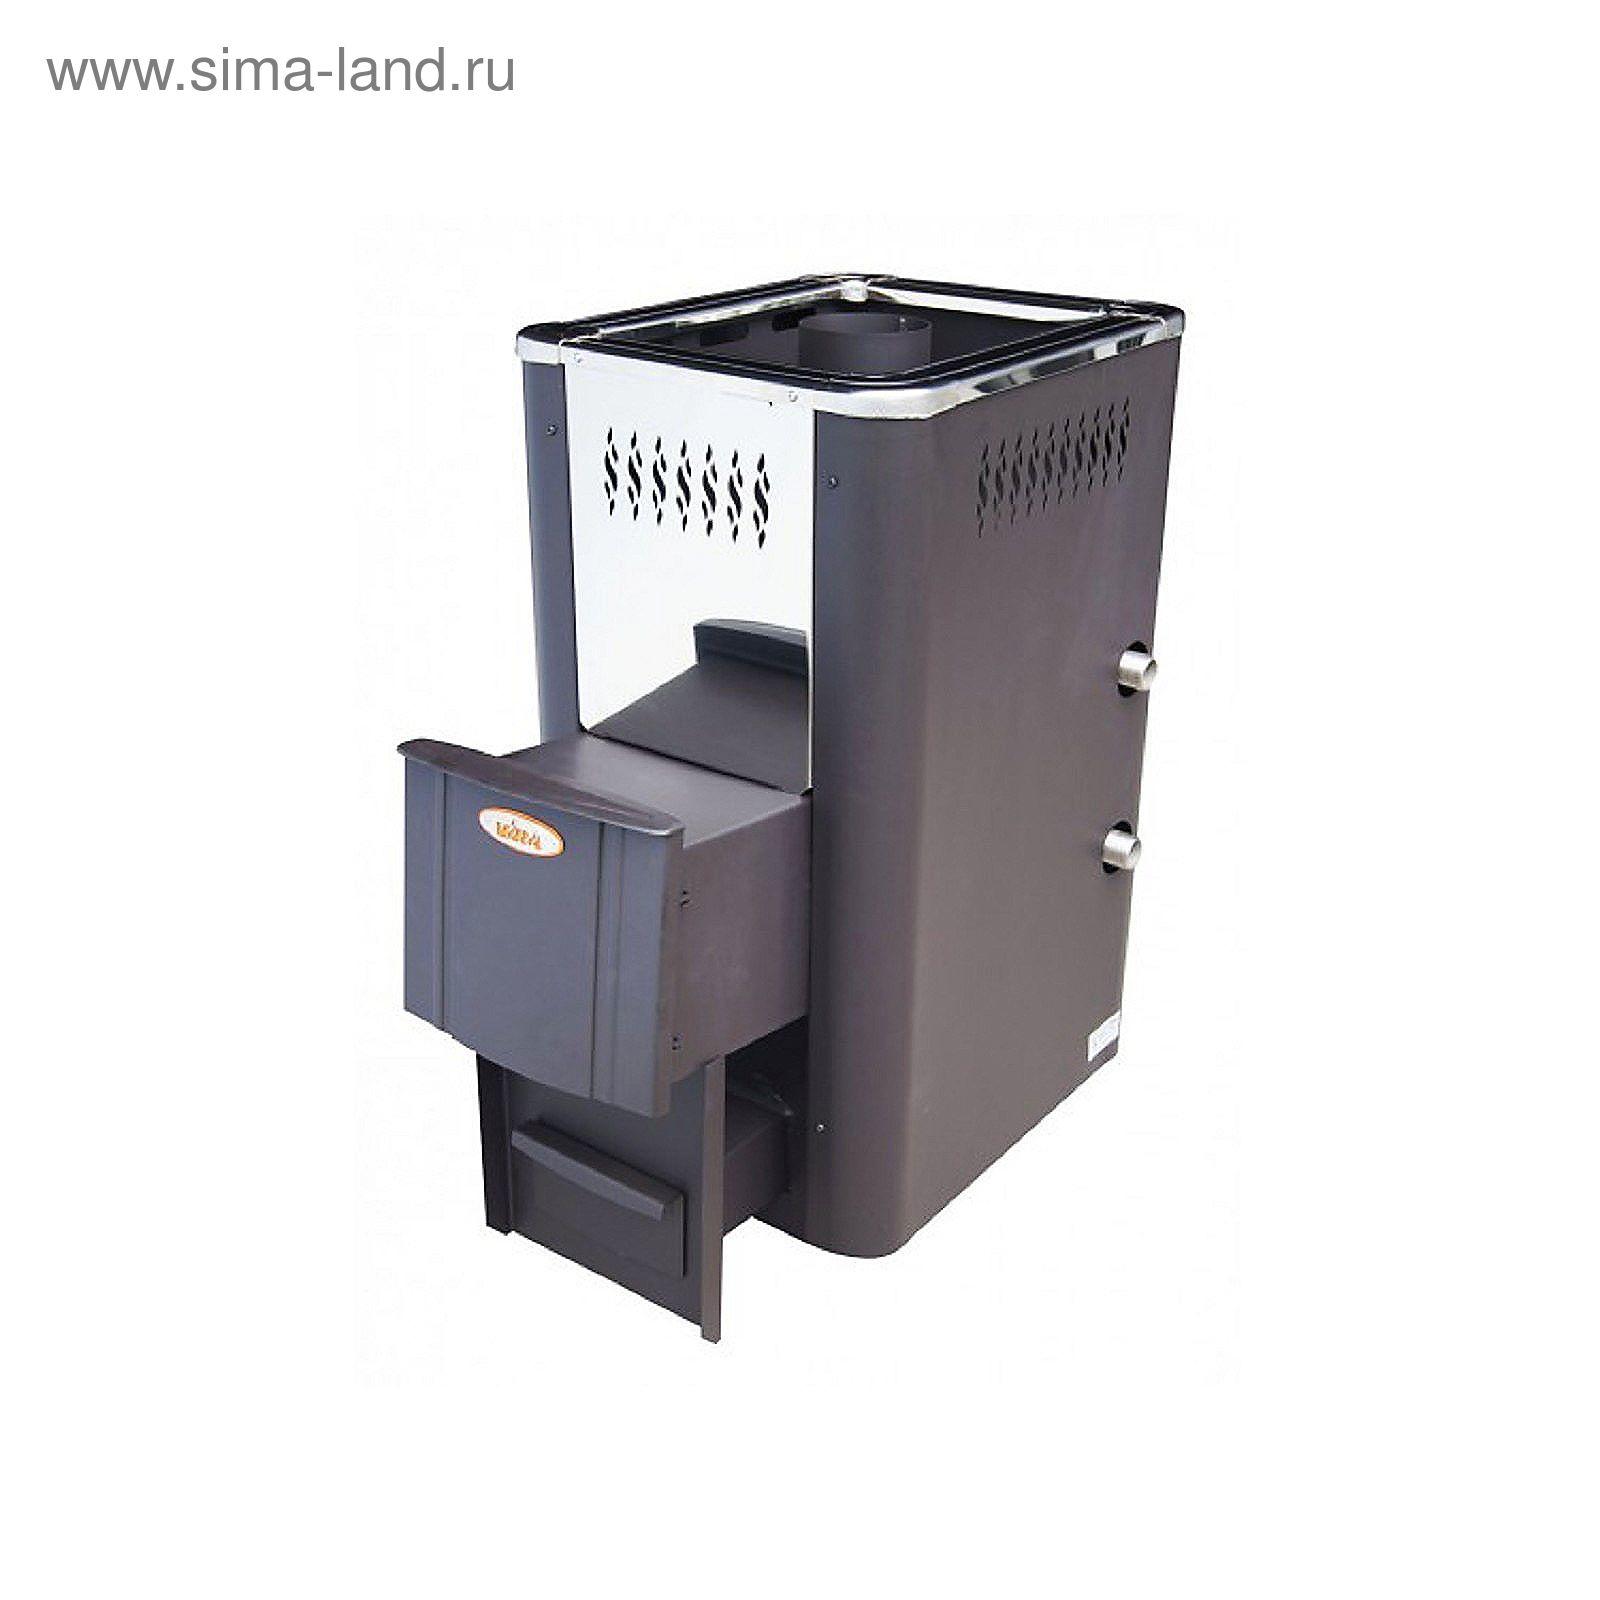 Встроенный теплообменник для банной печи Пластины теплообменника Funke FP 60 Одинцово